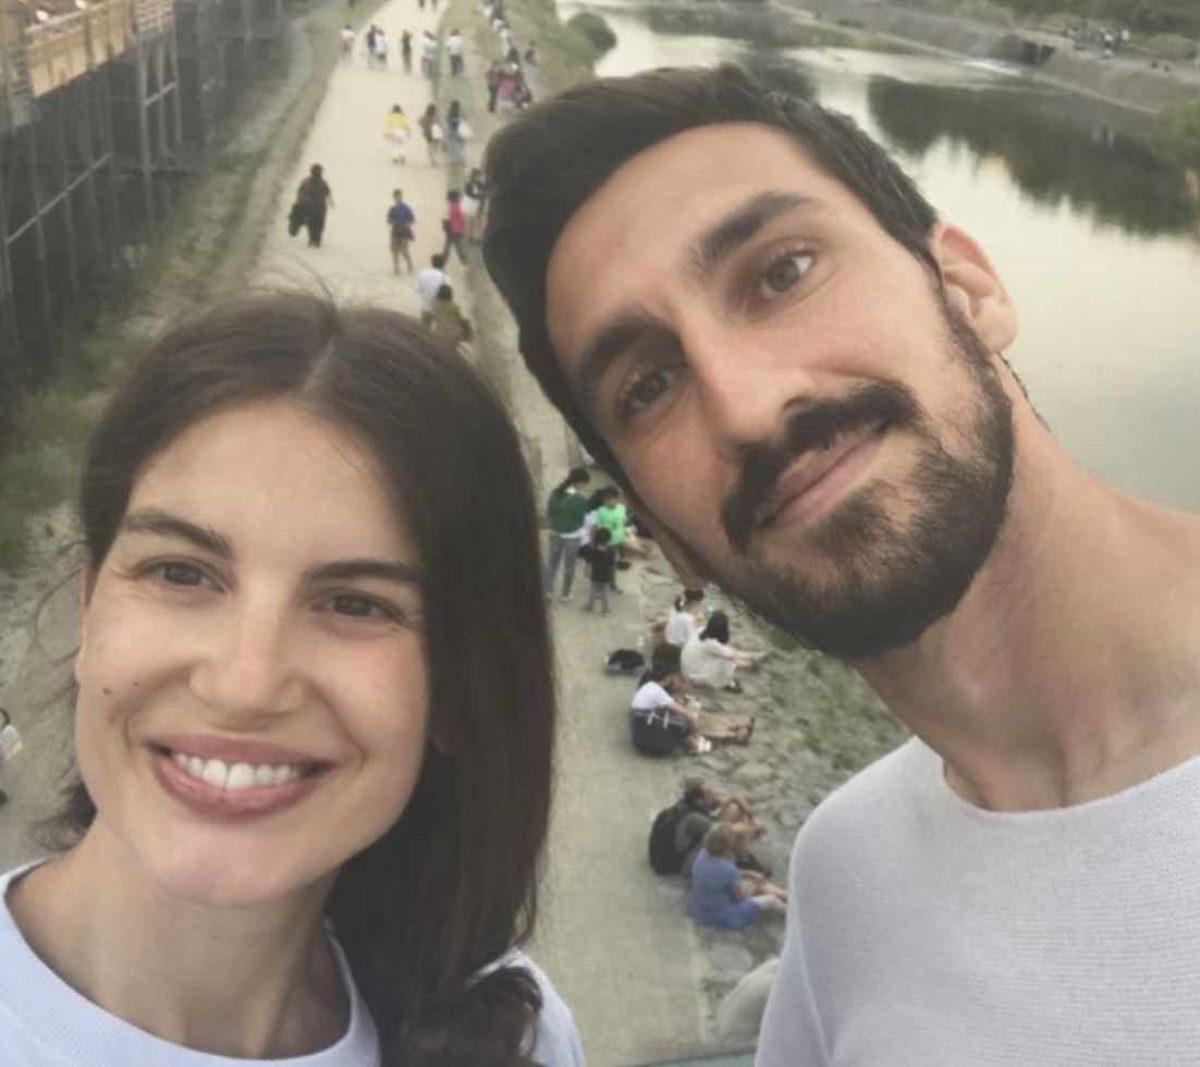 La compagna di Astori sommersa dai messaggi di cordoglio: a Francesca  Fioretti arriva anche quello del Grande Fratello